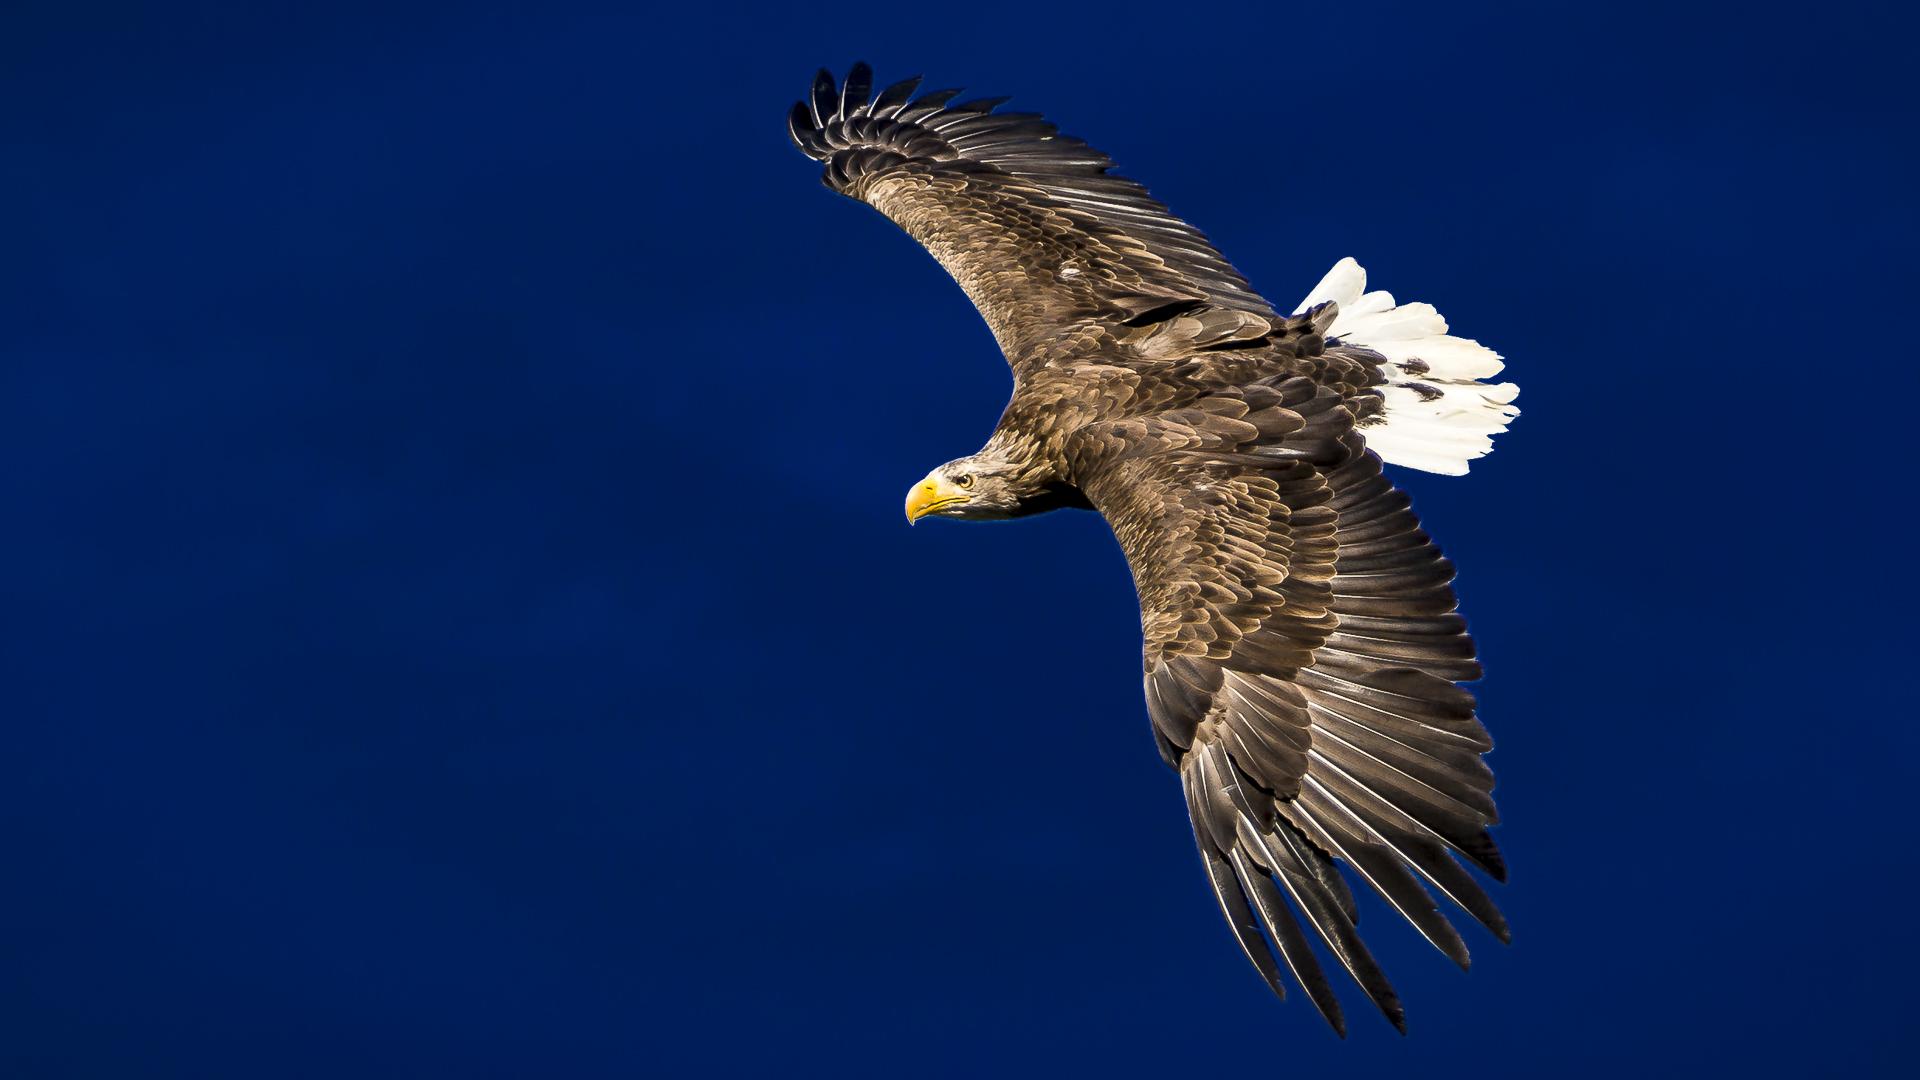 Flug des Adlers